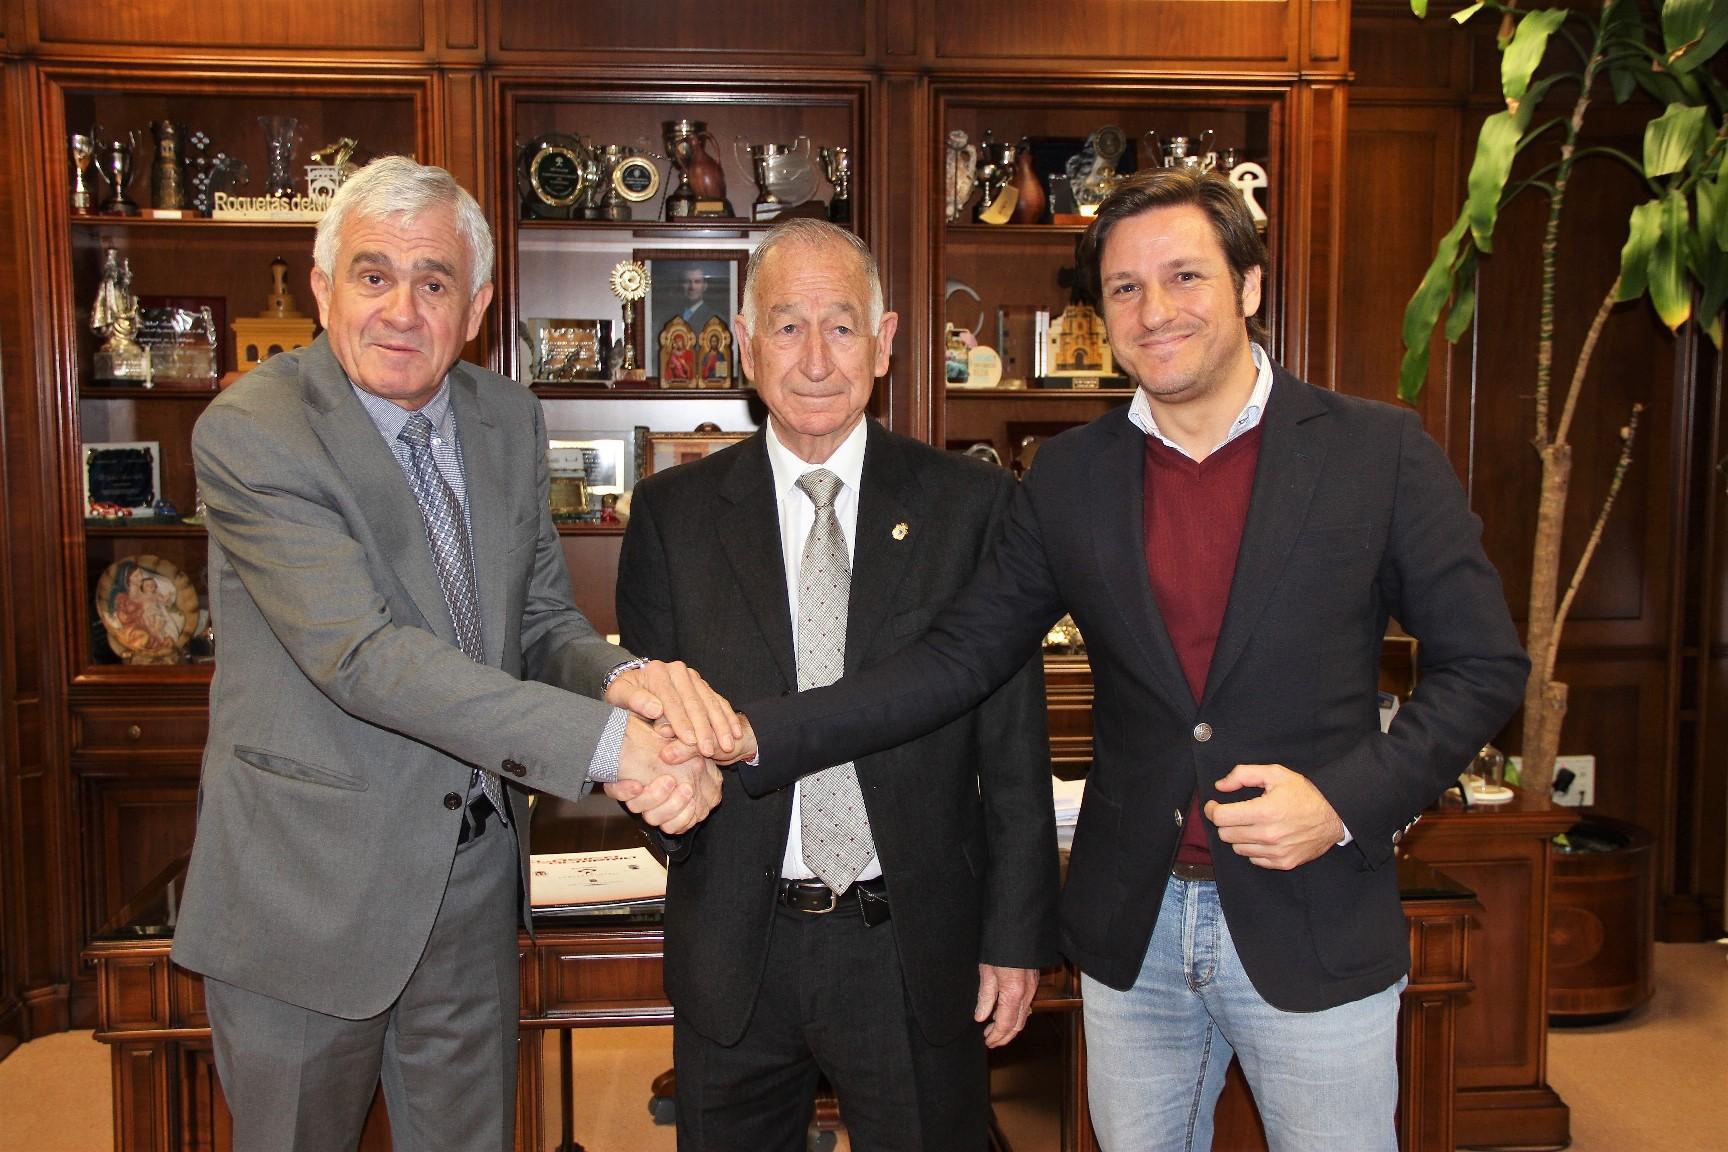 La Clásica ciclista de Almería volverá a tener su meta en Roquetas de Mar